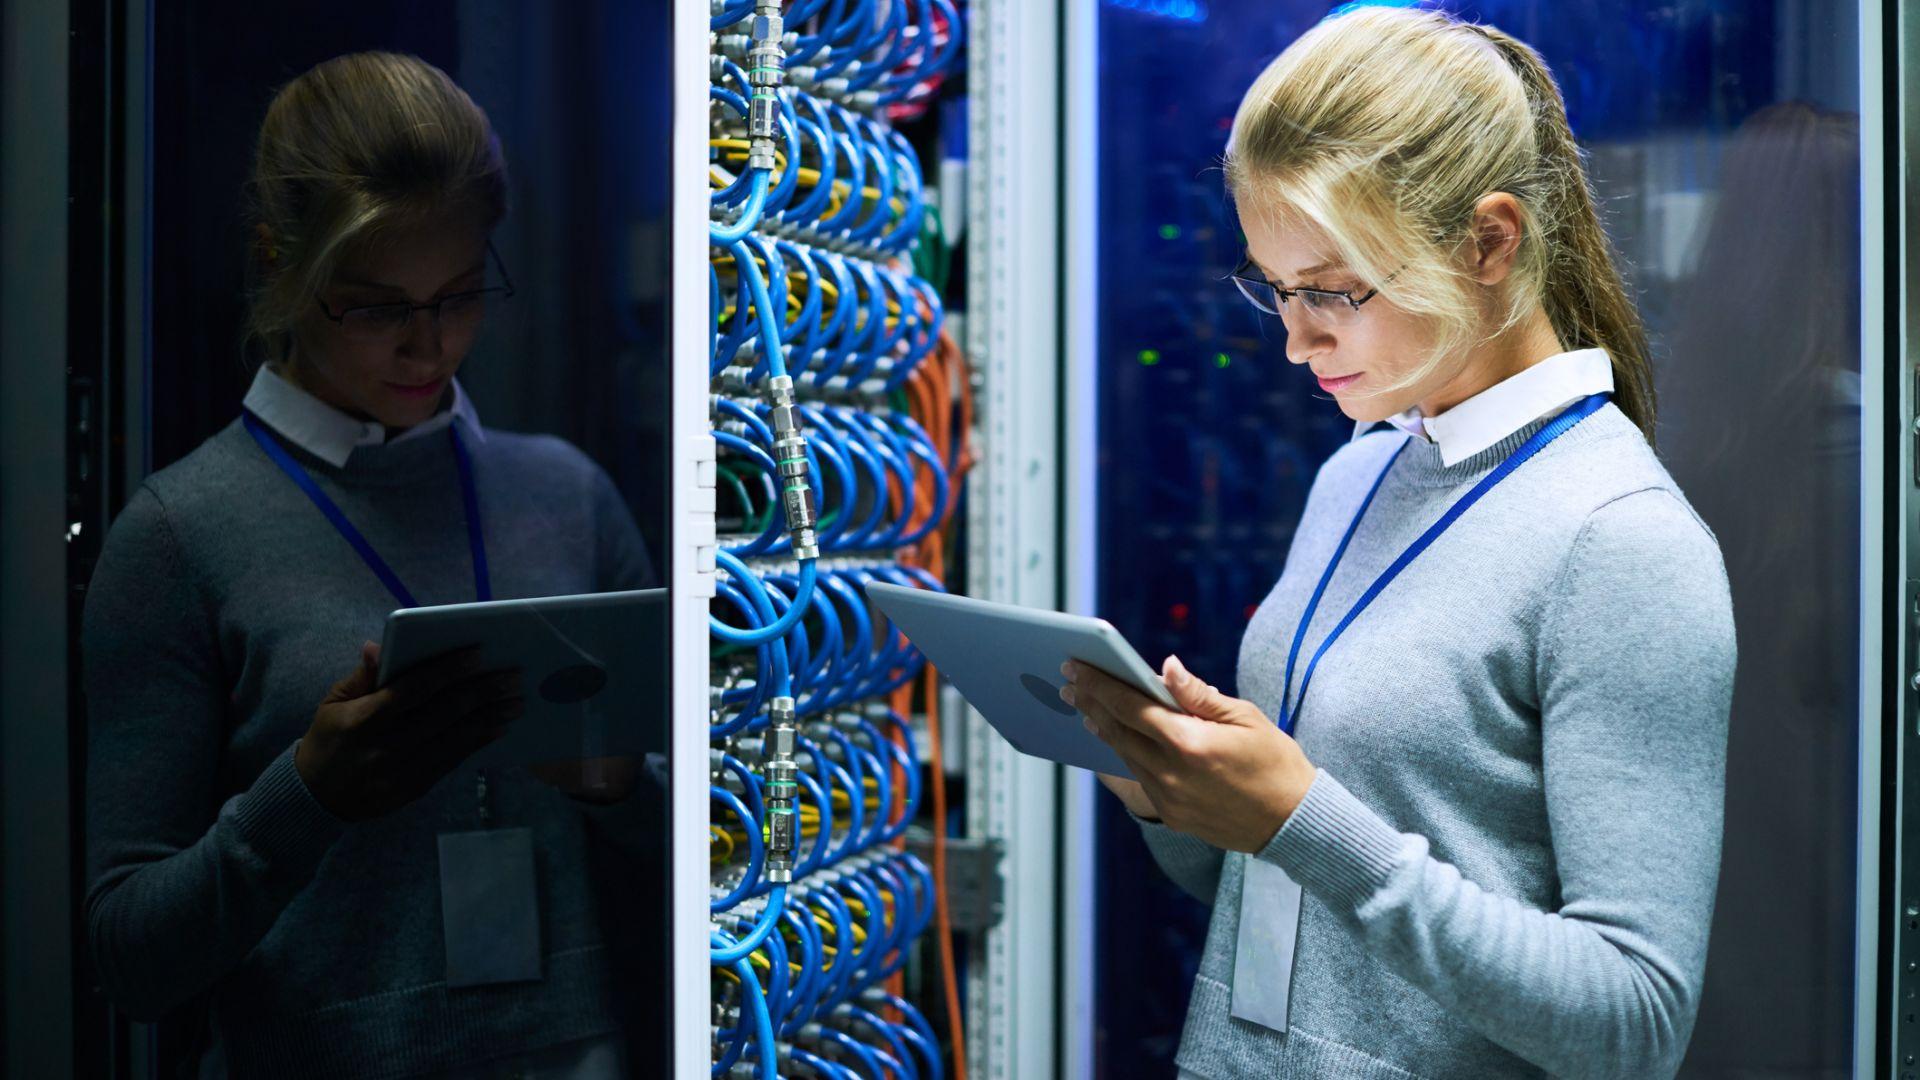 Европа проведе най-големия експеримент за Ковид-19 със суперкомпютри